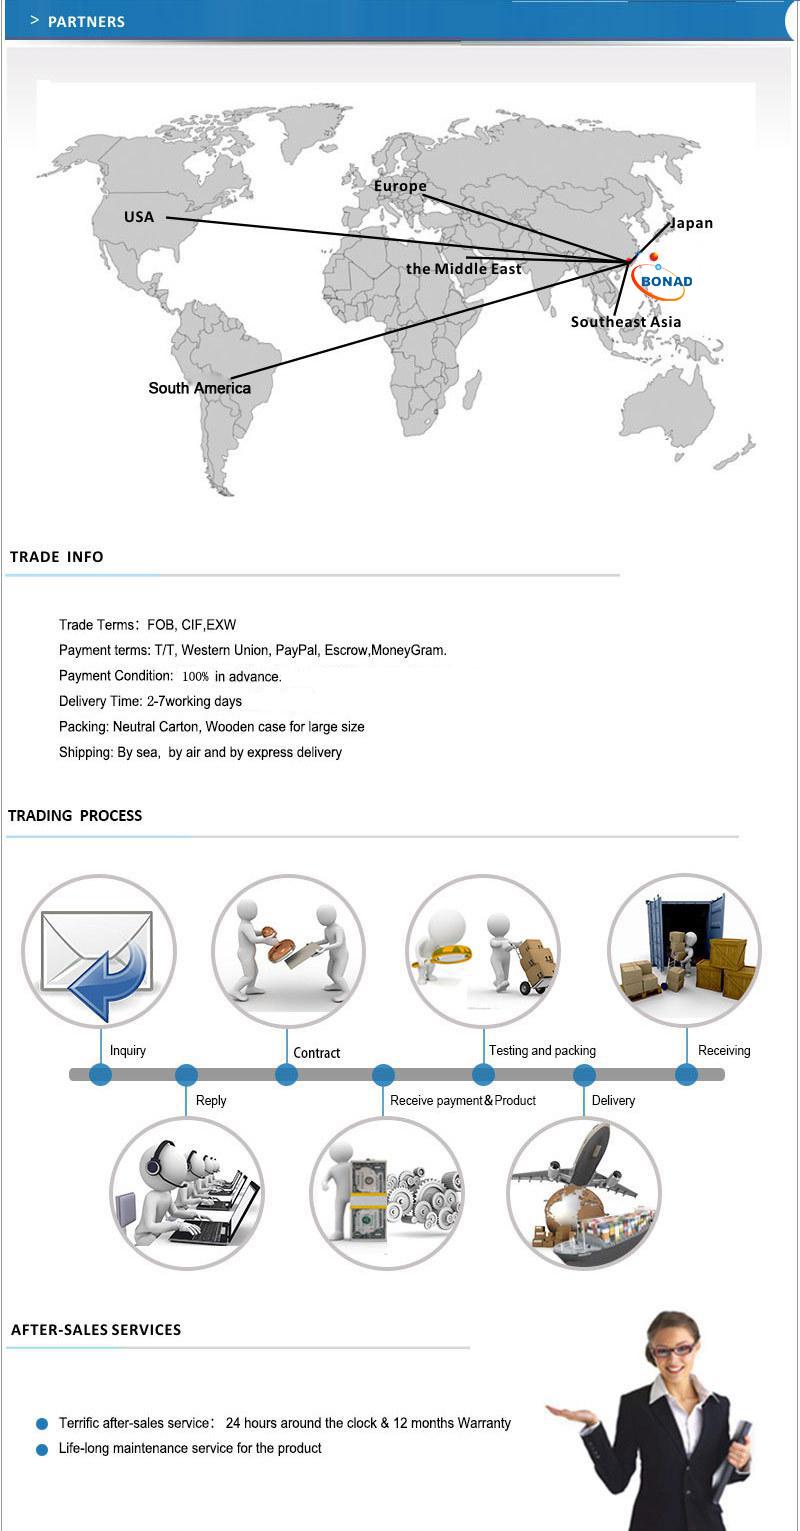 информация о торговле